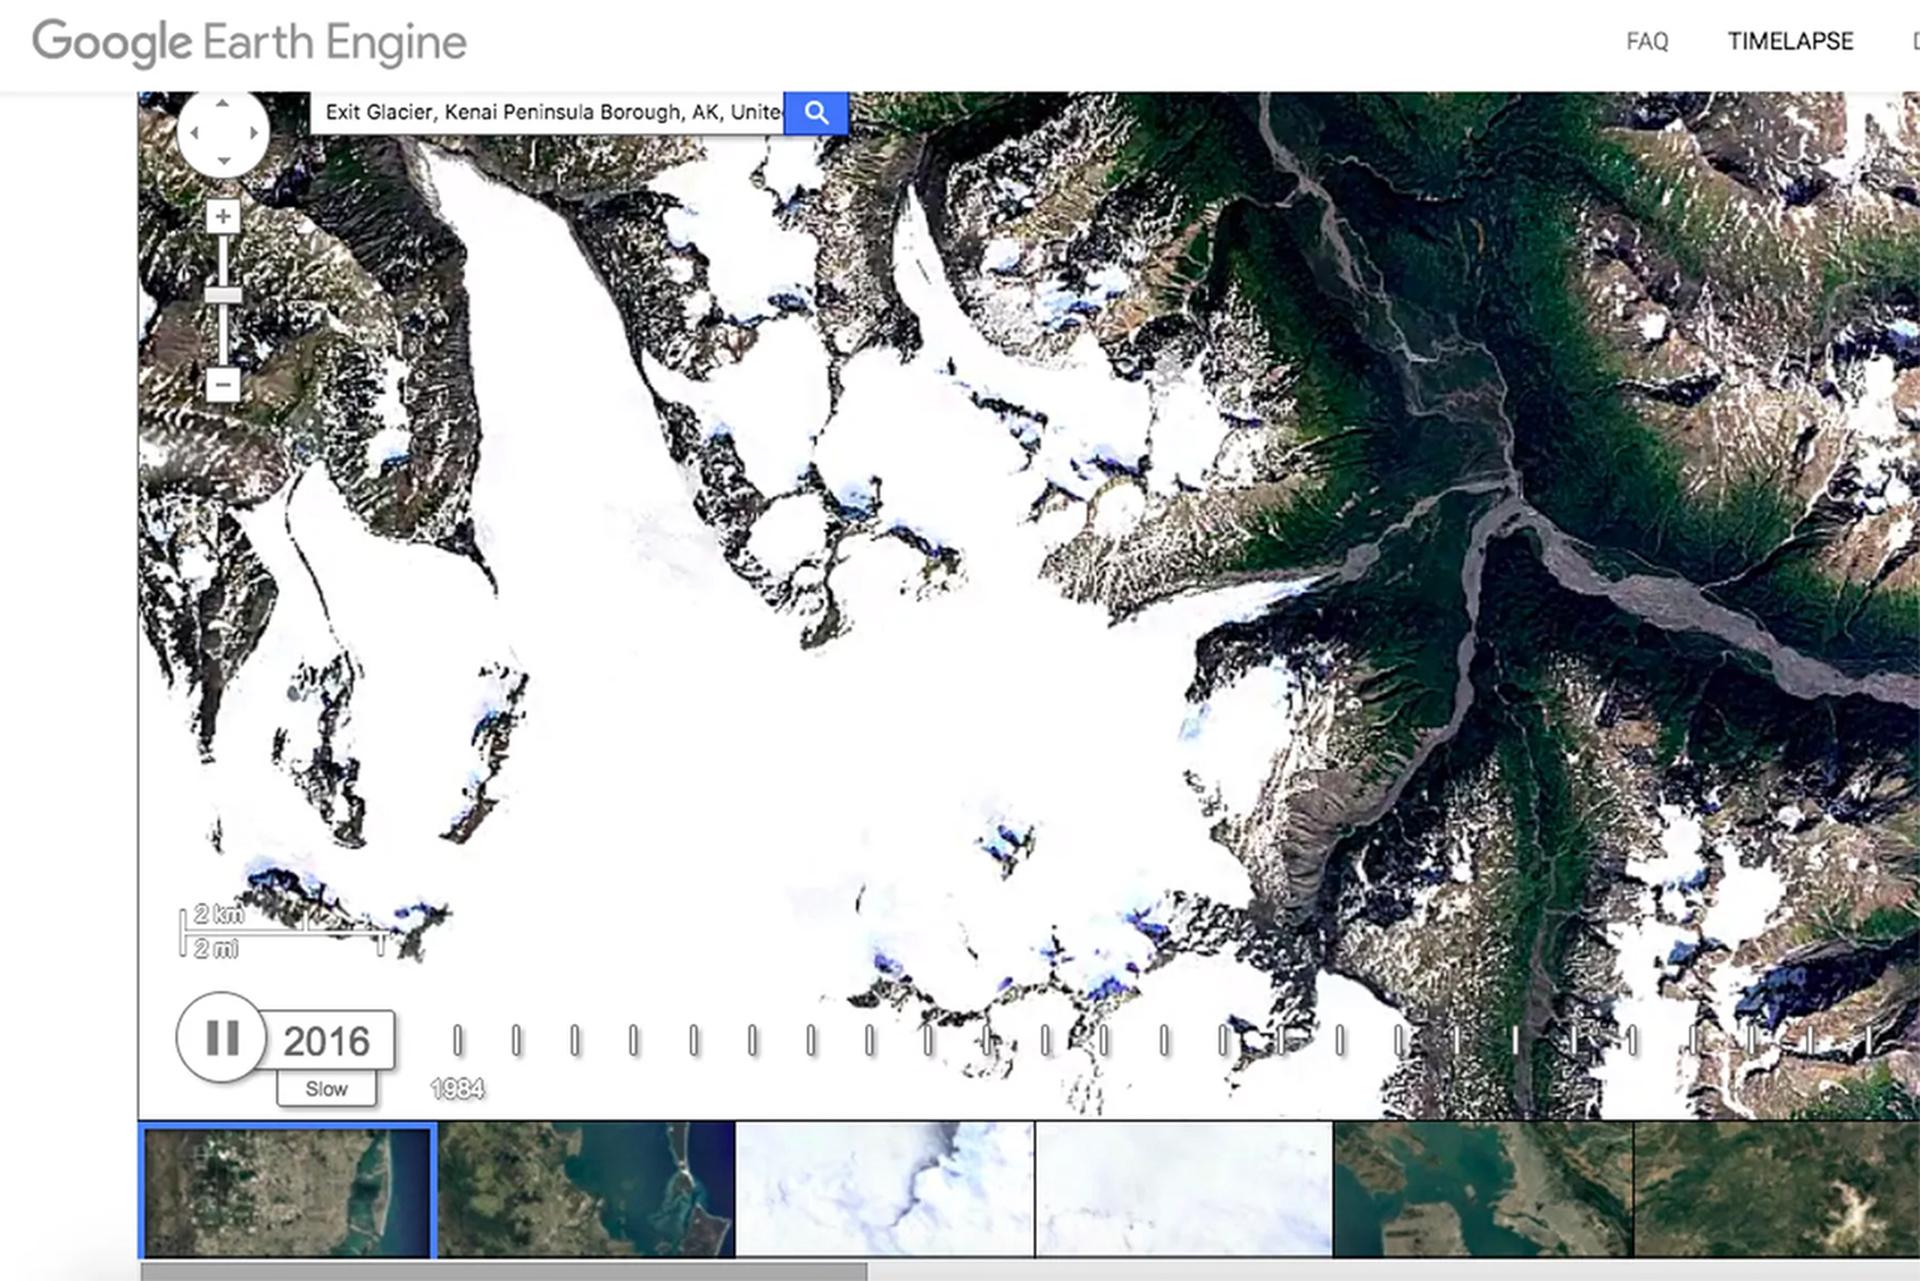 Гугл карта со спутника в реальном времени 2020 онлайн